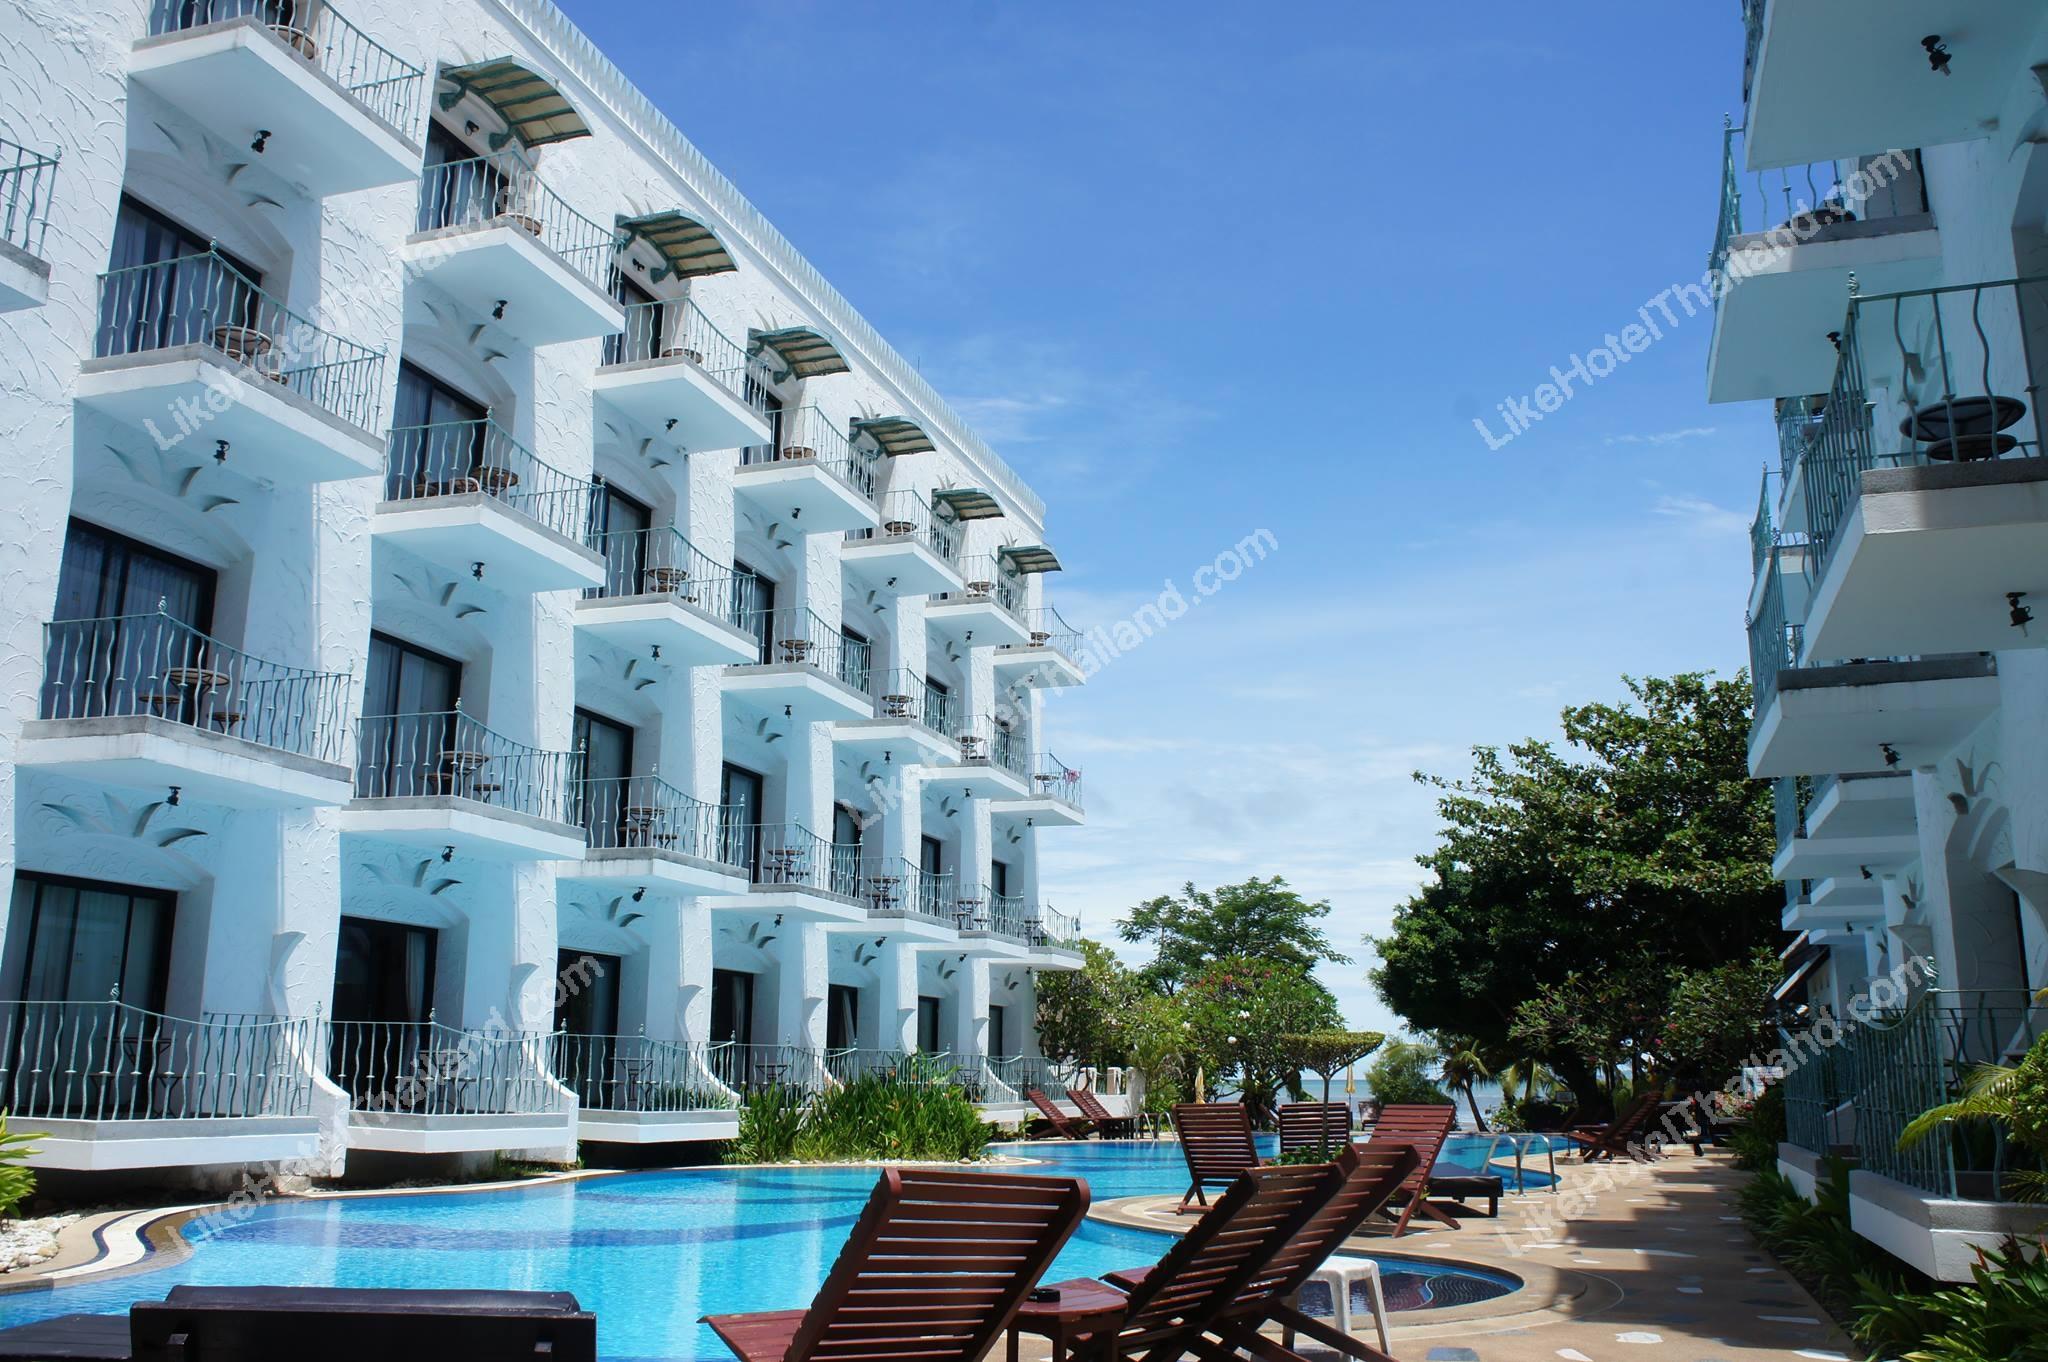 รูปของโรงแรม โรงแรม นาเกลือ บีช รีสอร์ท พัทยา